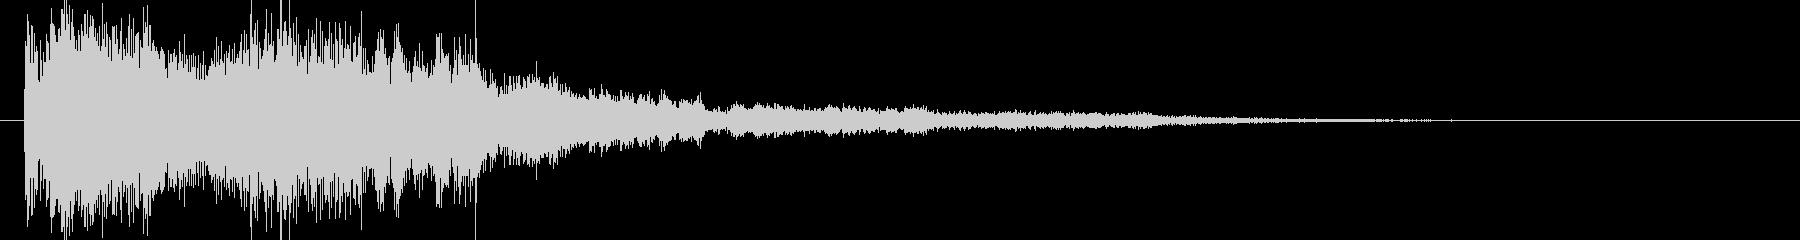 和風クリックジングルアイキャッチ神秘の未再生の波形